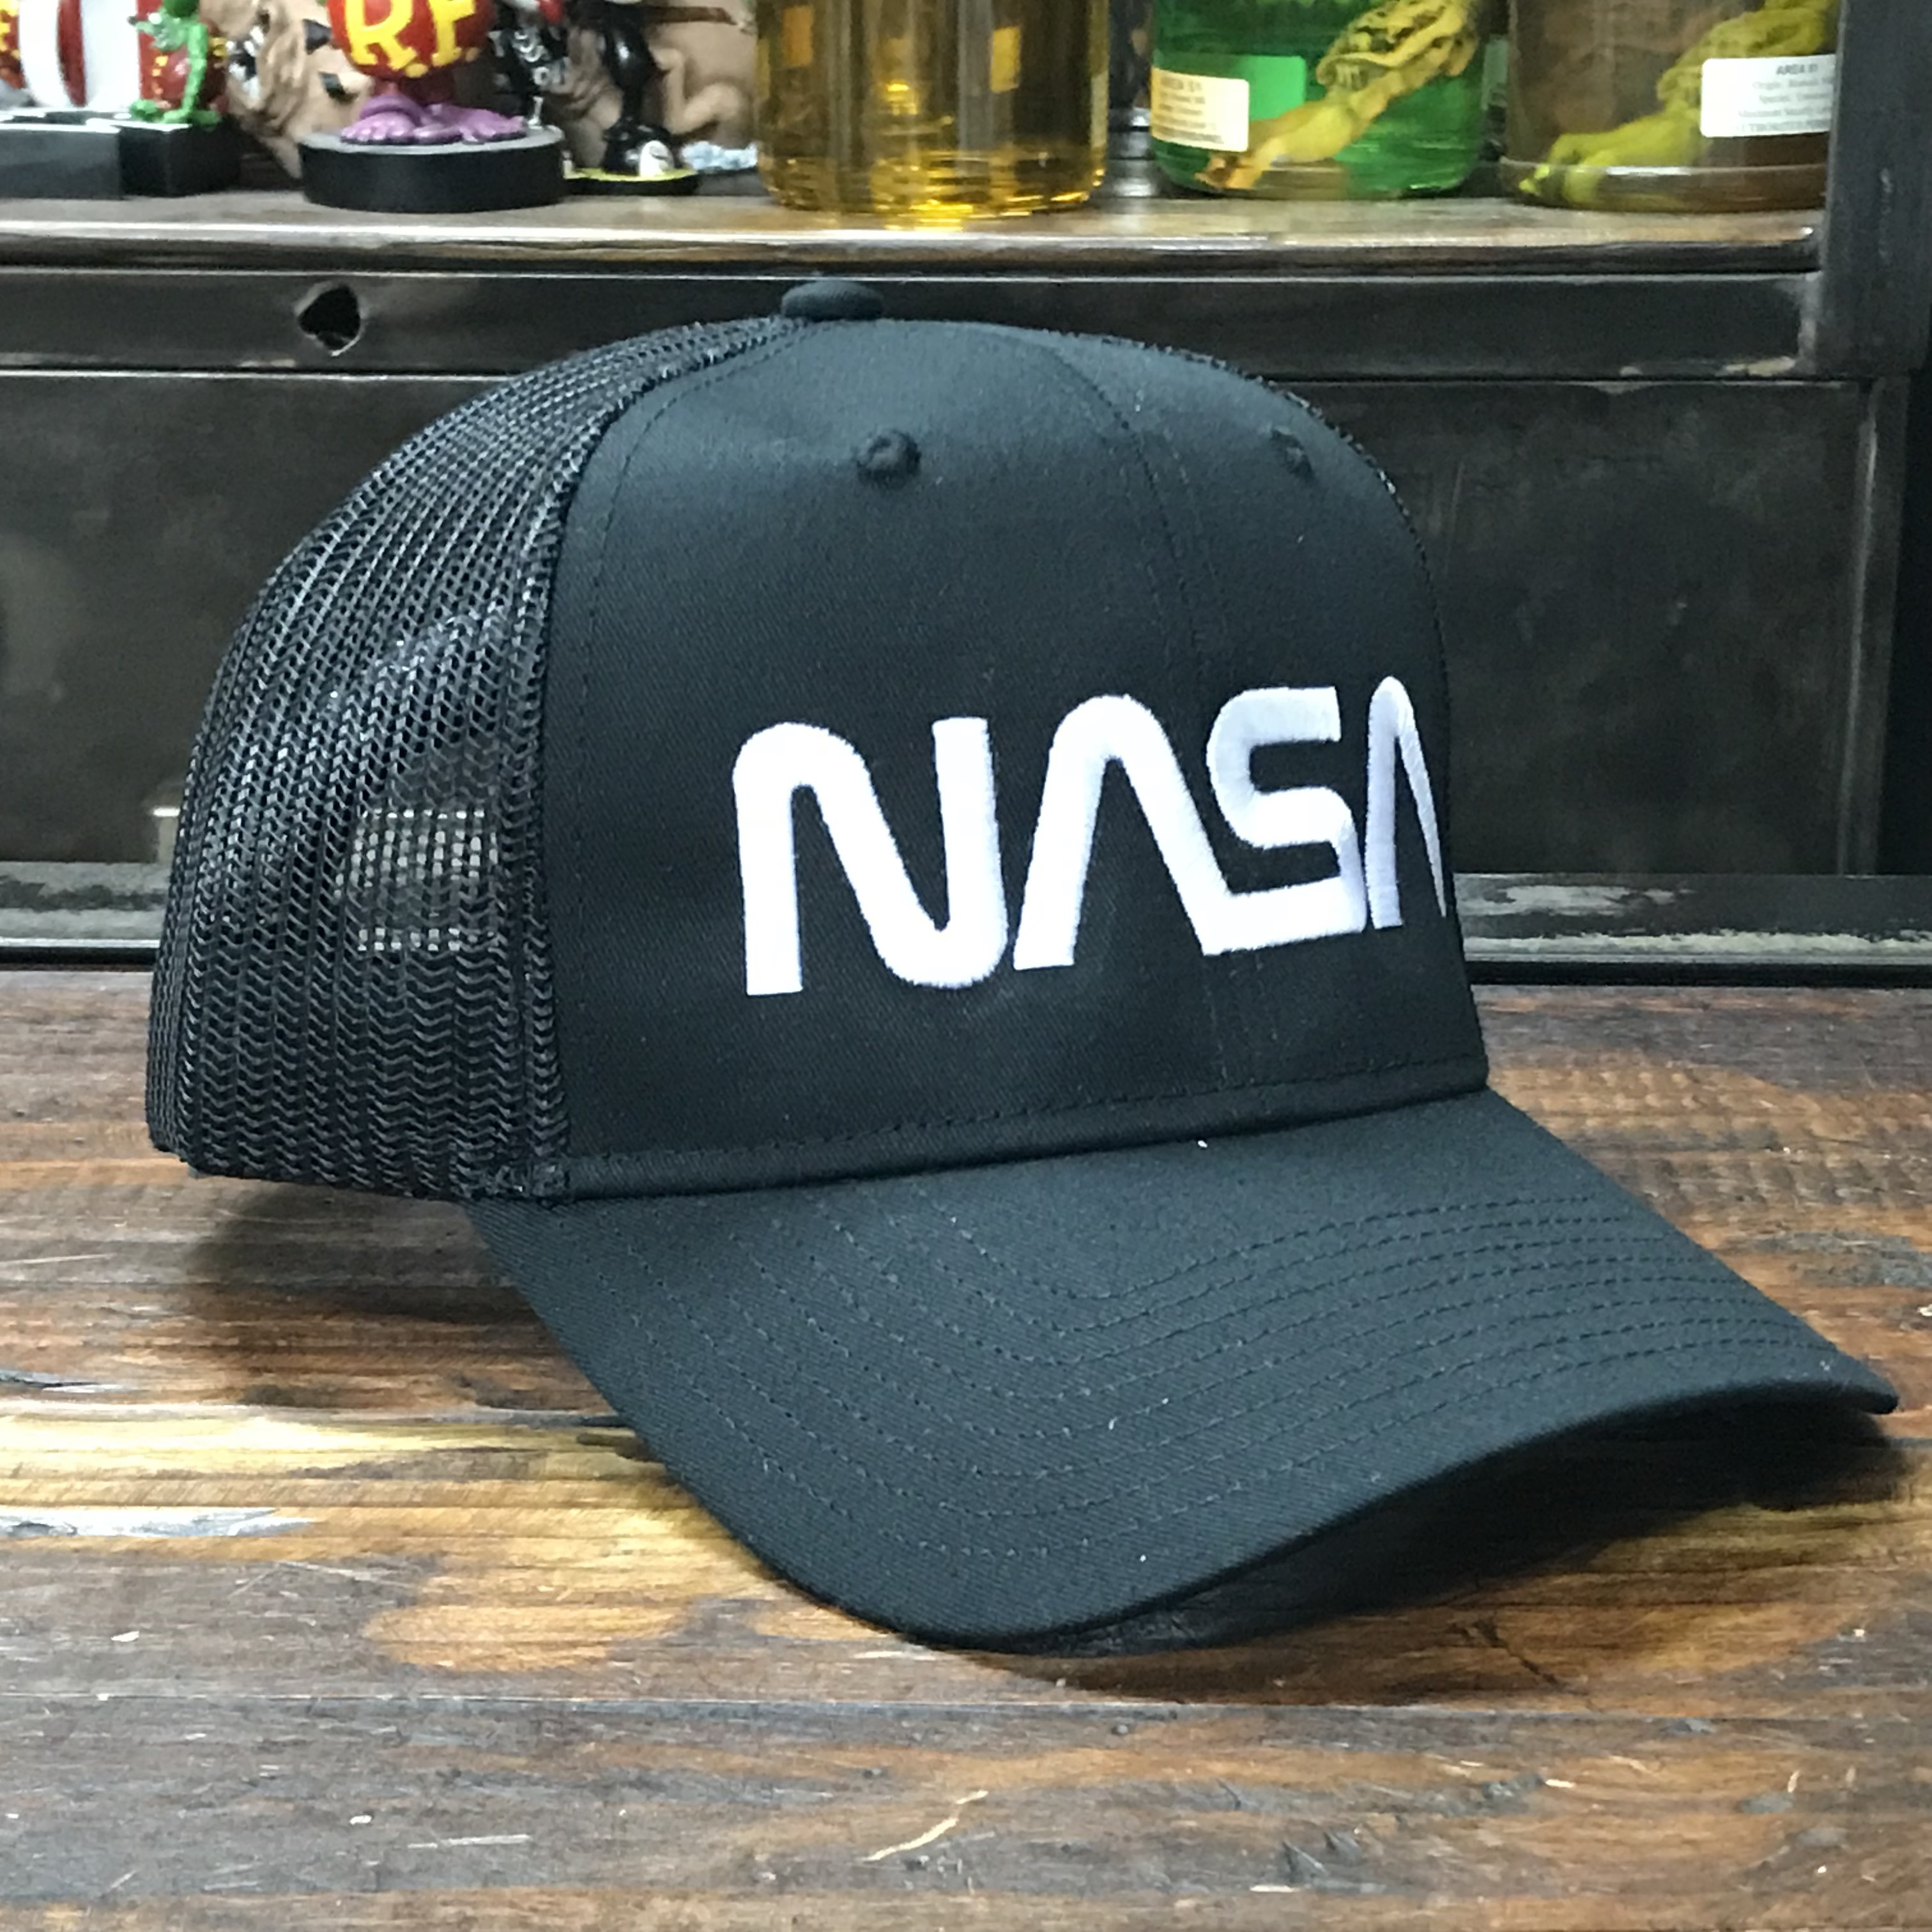 NASA OTTO(オットー)スナップバック・コットンメッシュキャップ・ロゴタイプ(ワーム)